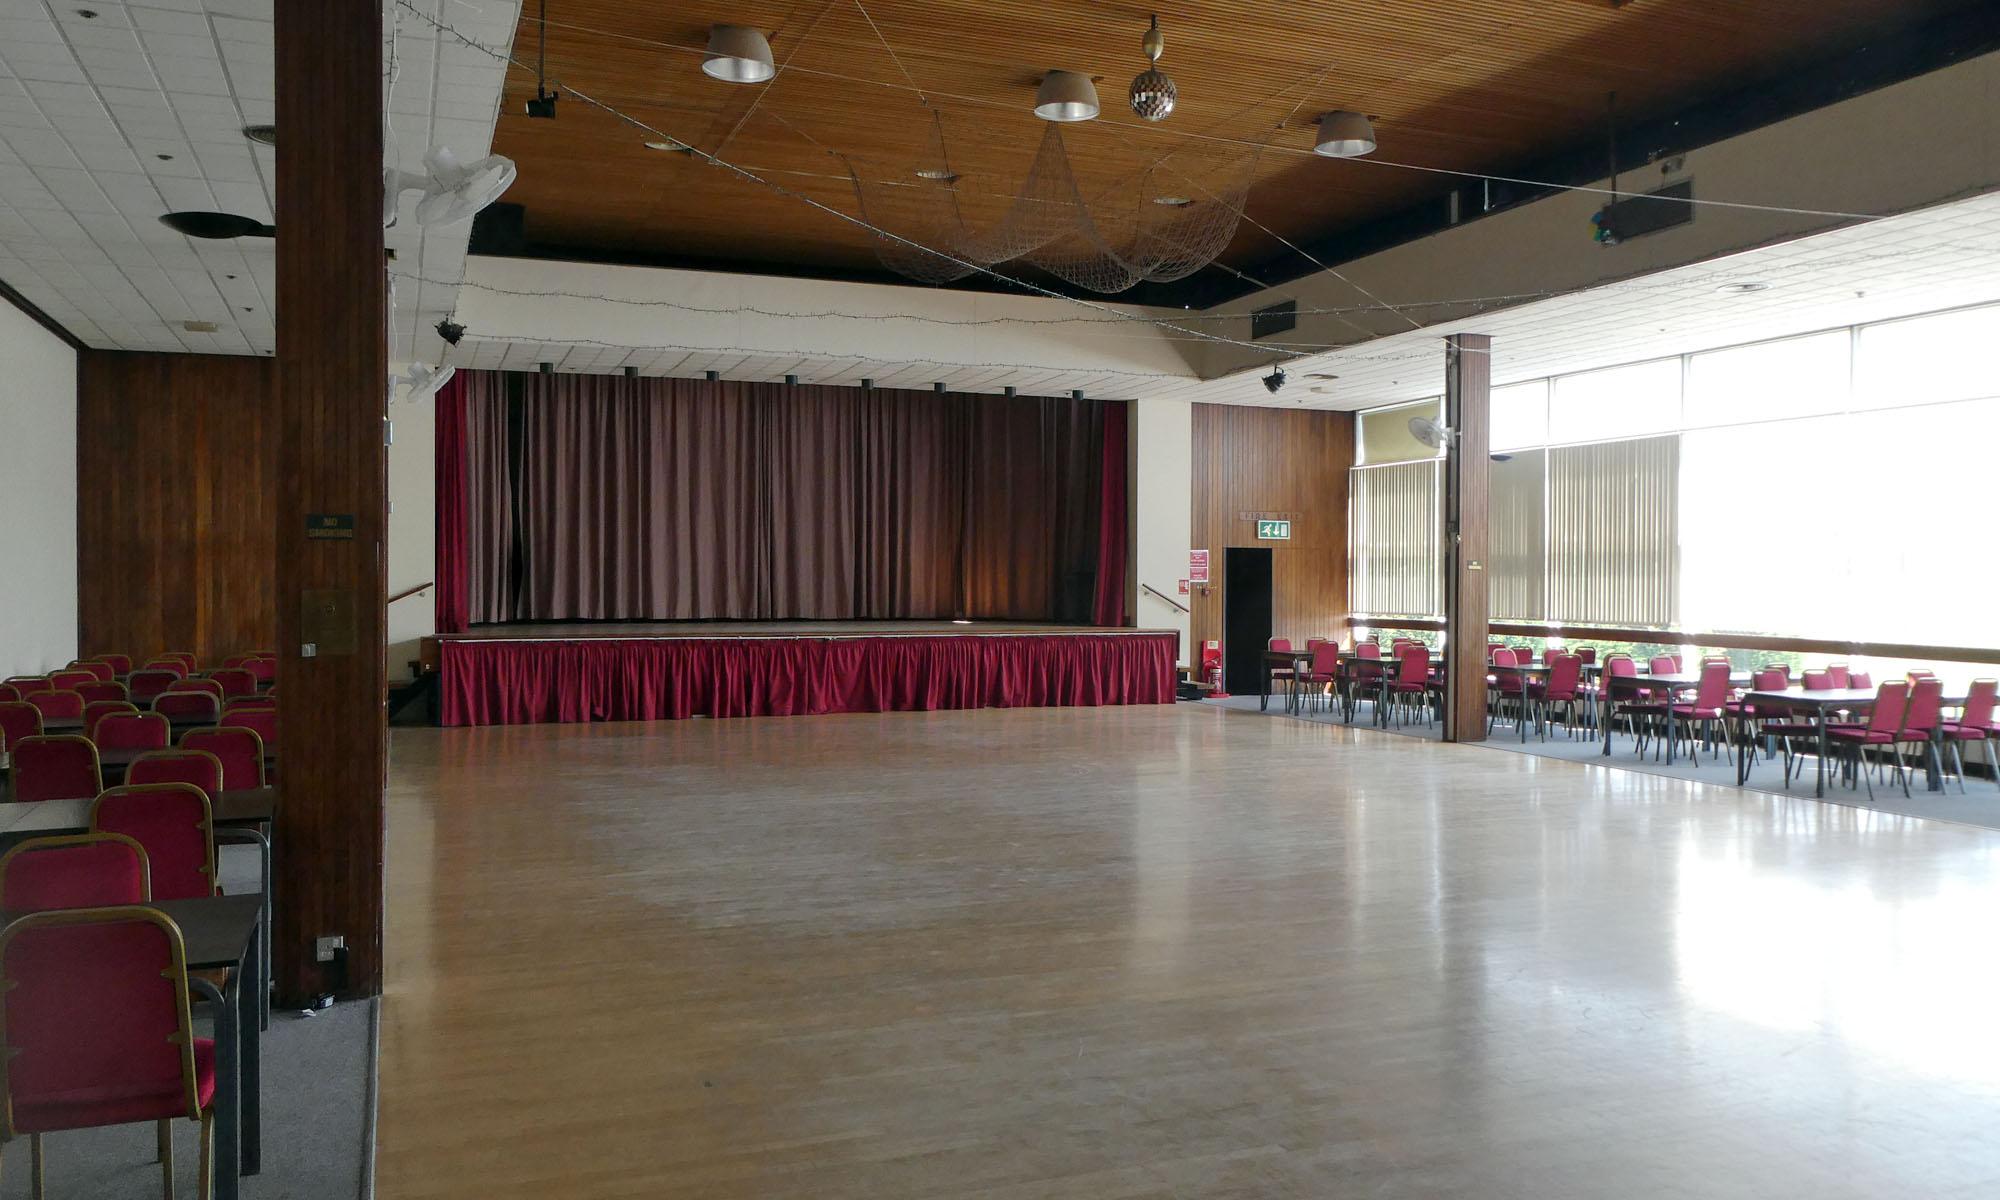 The Delphi Centre Ballroom